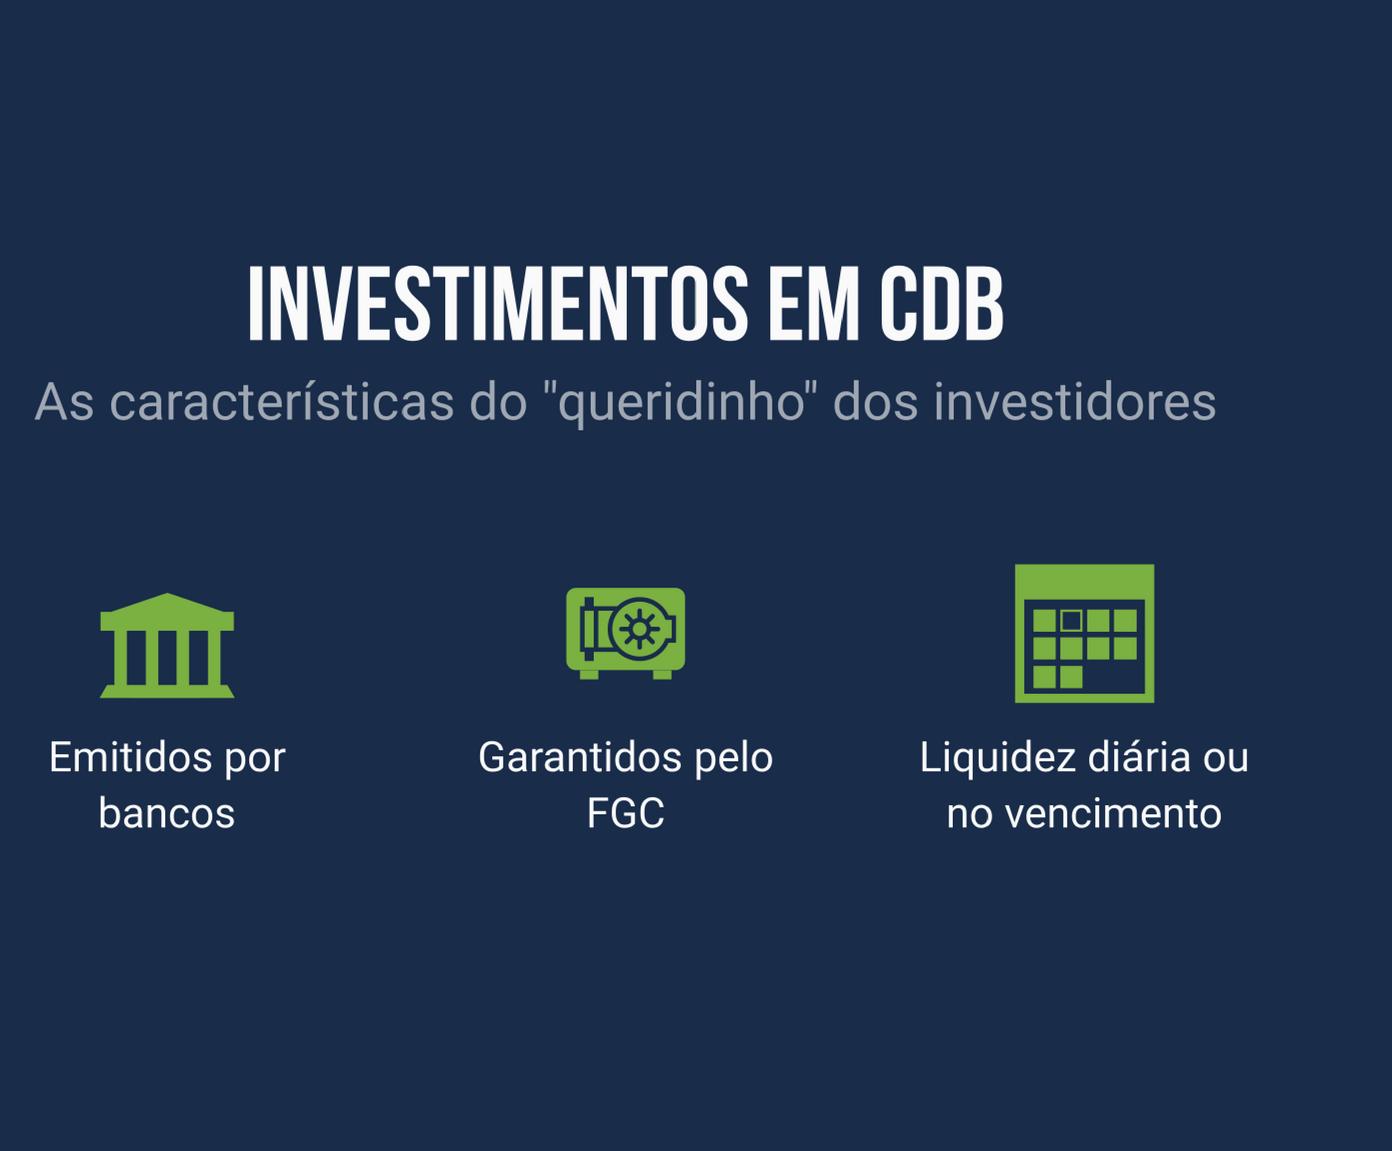 Investir em CDB e explicações sobre suas características